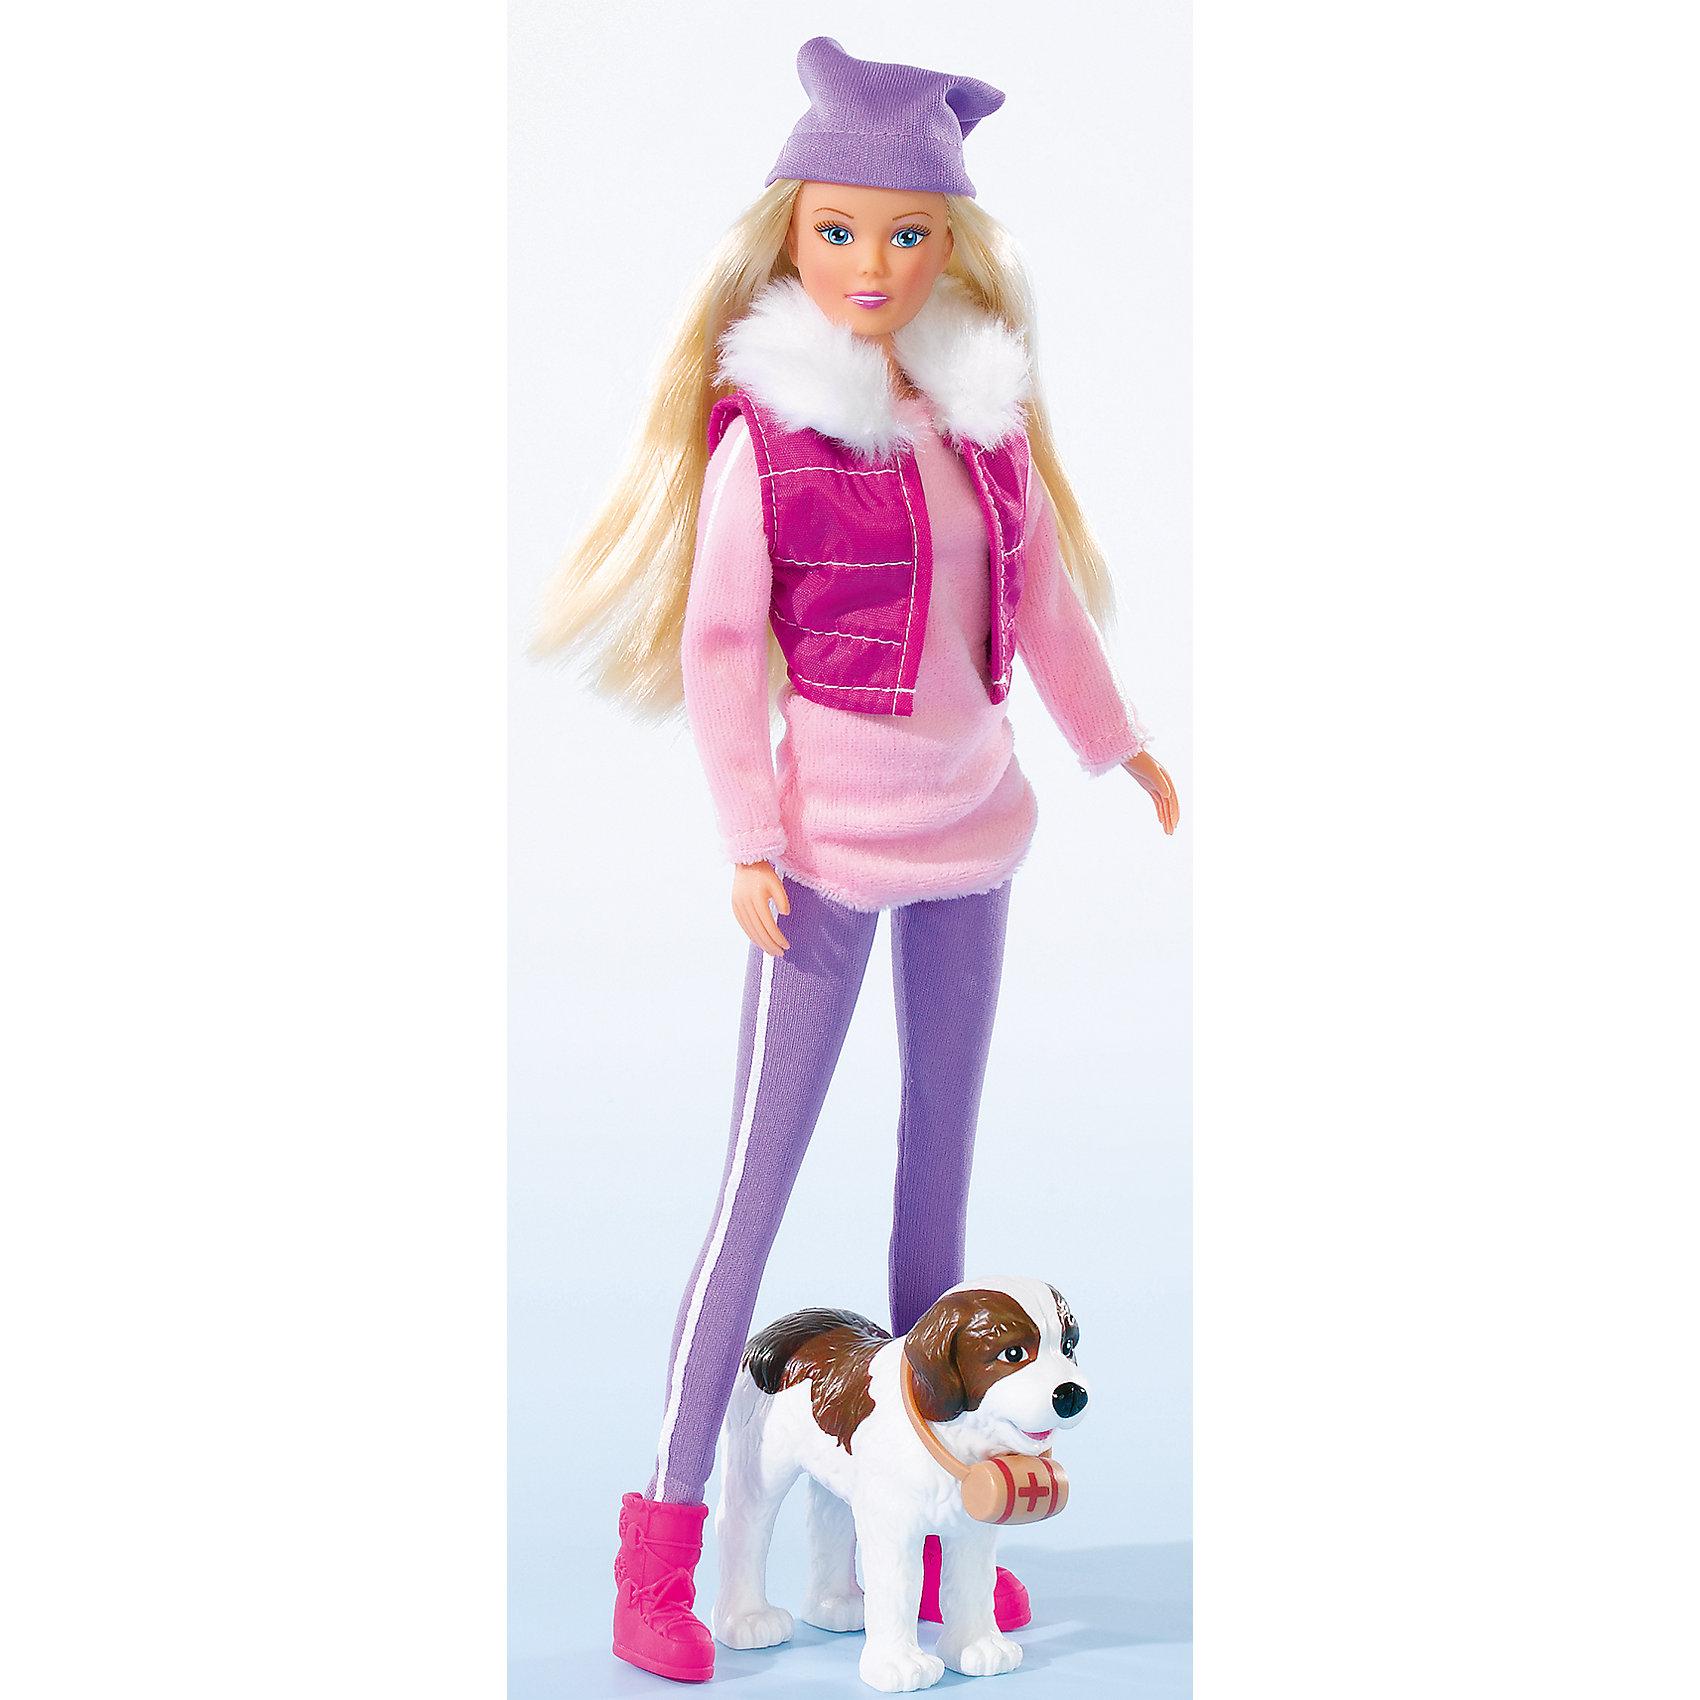 Кукла Штеффи на прогулке с собакой, SimbaМини-куклы<br>Характеристики товара:<br><br>- цвет: разноцветный;<br>- материал: пластик;<br>- возраст: от трех лет;<br>- комплектация: кукла, одежда, собака;<br>- высота куклы: 29 см.<br><br>Эта симпатичная кукла Штеффи от известного бренда не оставит девочку равнодушной! Какая девочка сможет отказаться поиграть с куклой в таком шикарном наряде?! В набор входят одежда и собака для игр с куклой. Игрушка очень качественно выполнена, поэтому она станет замечательным подарком ребенку. <br>Продается набор в красивой удобной упаковке. Изделие произведено из высококачественного материала, безопасного для детей.<br><br>Куклу Штеффи на прогулке с собакой, 29 см, от бренда Simba можно купить в нашем интернет-магазине.<br><br>Ширина мм: 60<br>Глубина мм: 160<br>Высота мм: 330<br>Вес г: 400<br>Возраст от месяцев: 36<br>Возраст до месяцев: 120<br>Пол: Женский<br>Возраст: Детский<br>SKU: 5119513